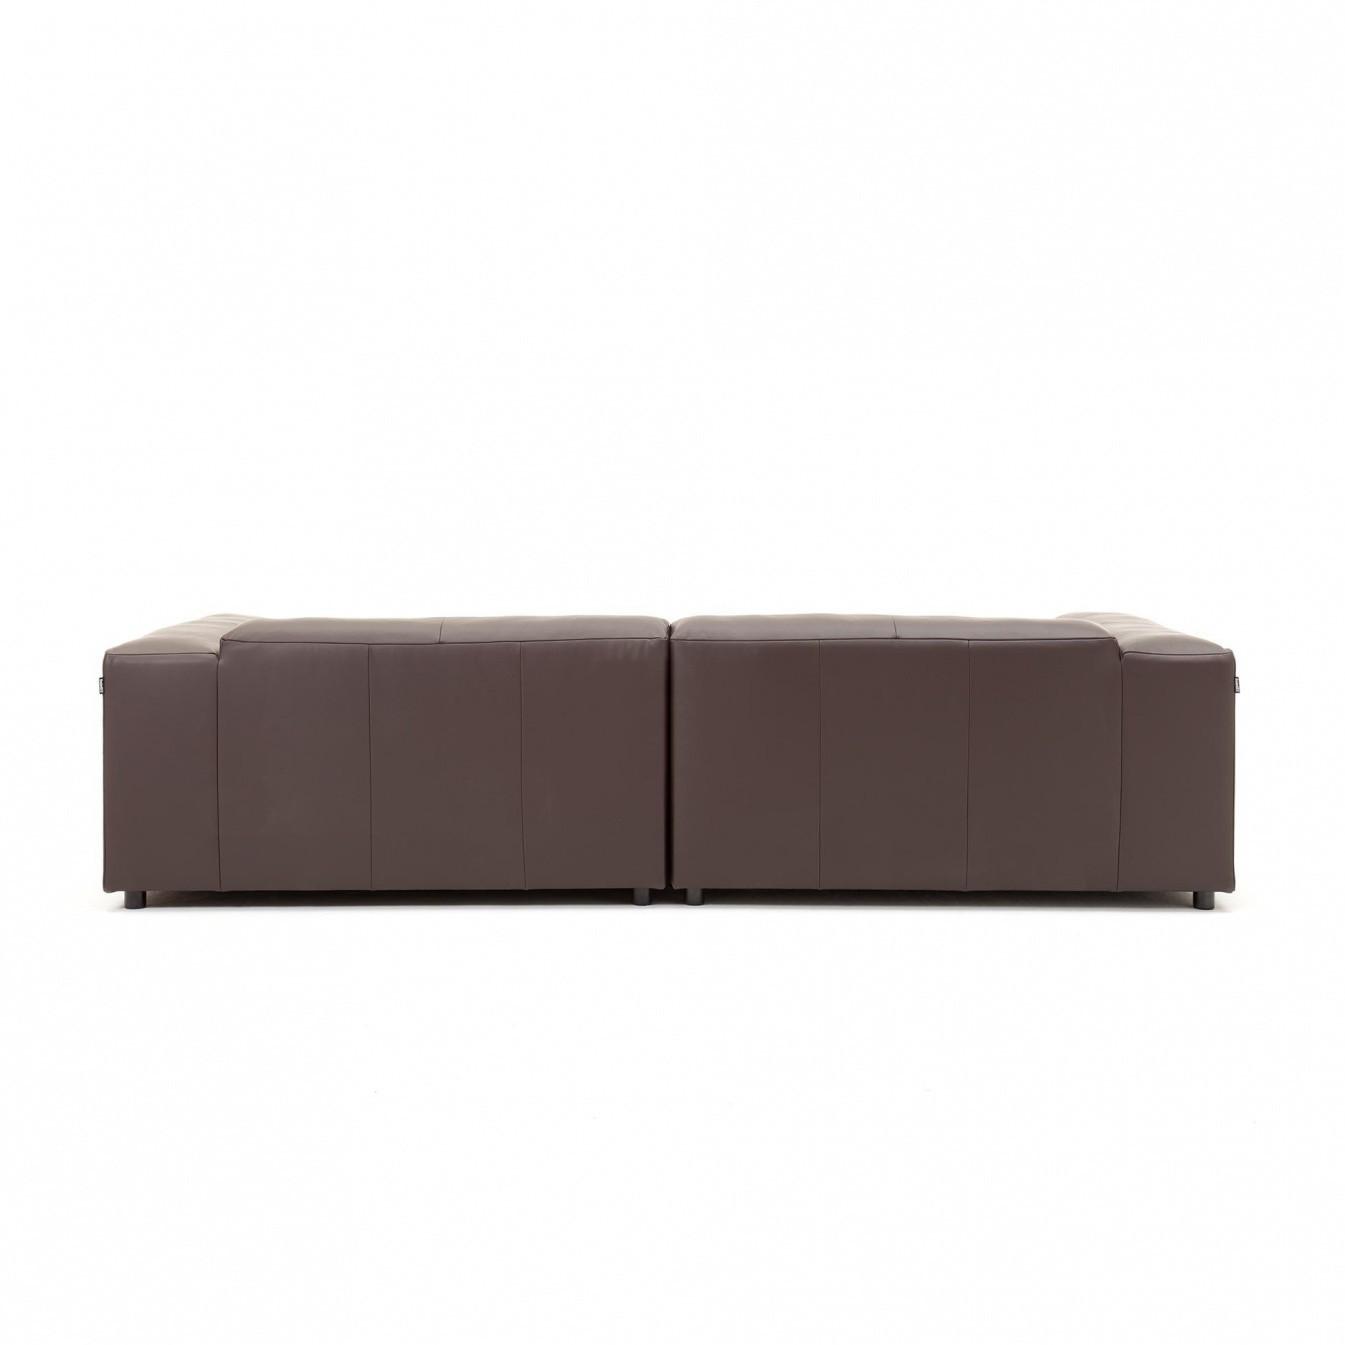 freistil rolf benz freistil 187 3 seater leather sofa ambientedirect. Black Bedroom Furniture Sets. Home Design Ideas